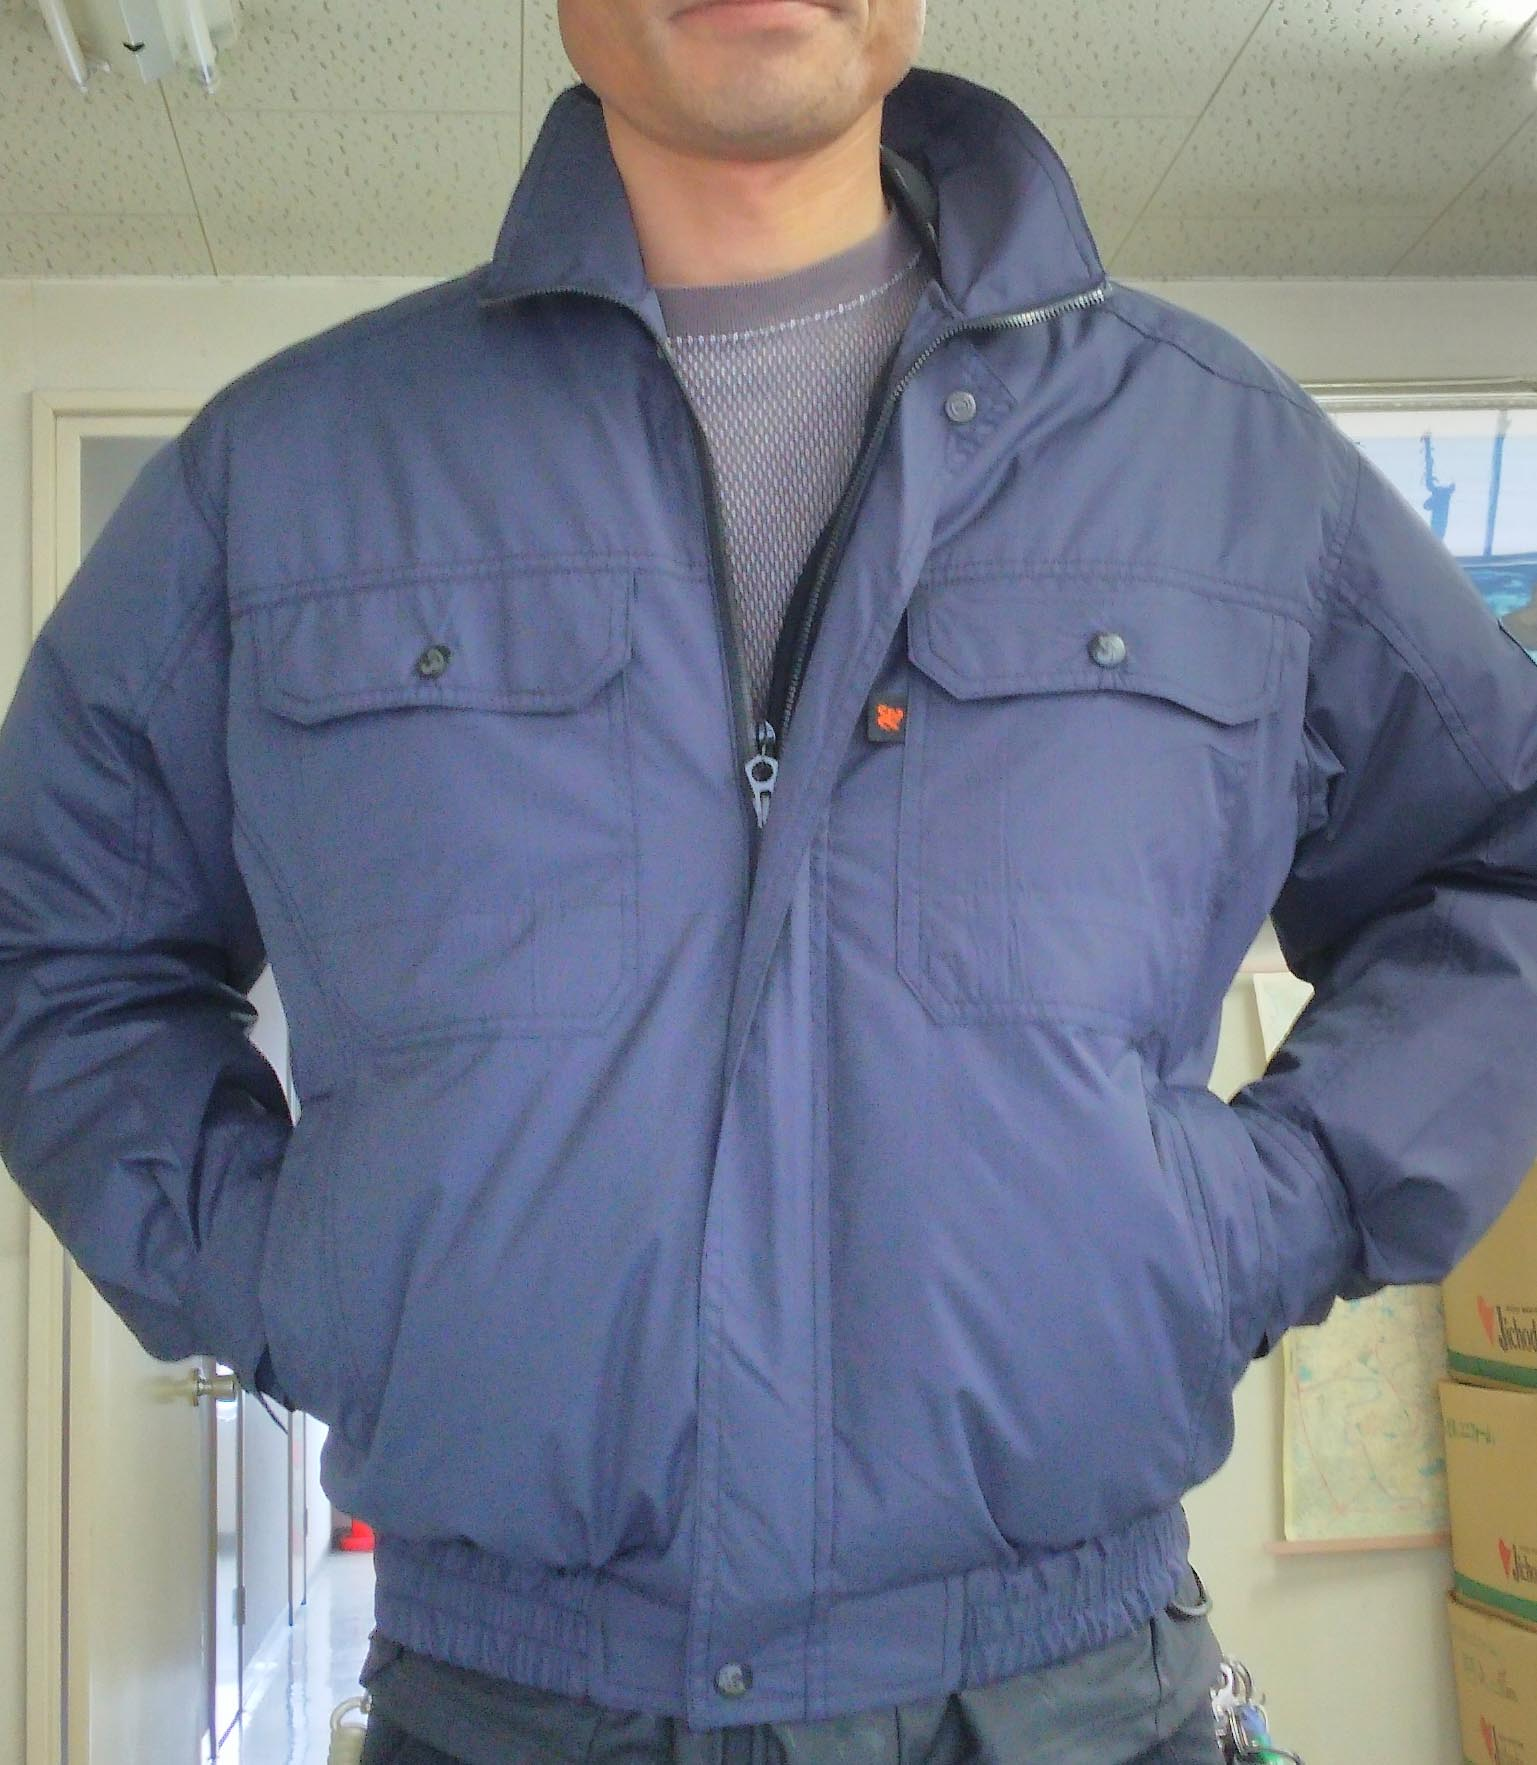 空調服リスペクト商品!!風が体を駆け巡る涼しさ!!裏チタンブルゾン ¥3,990(税込)